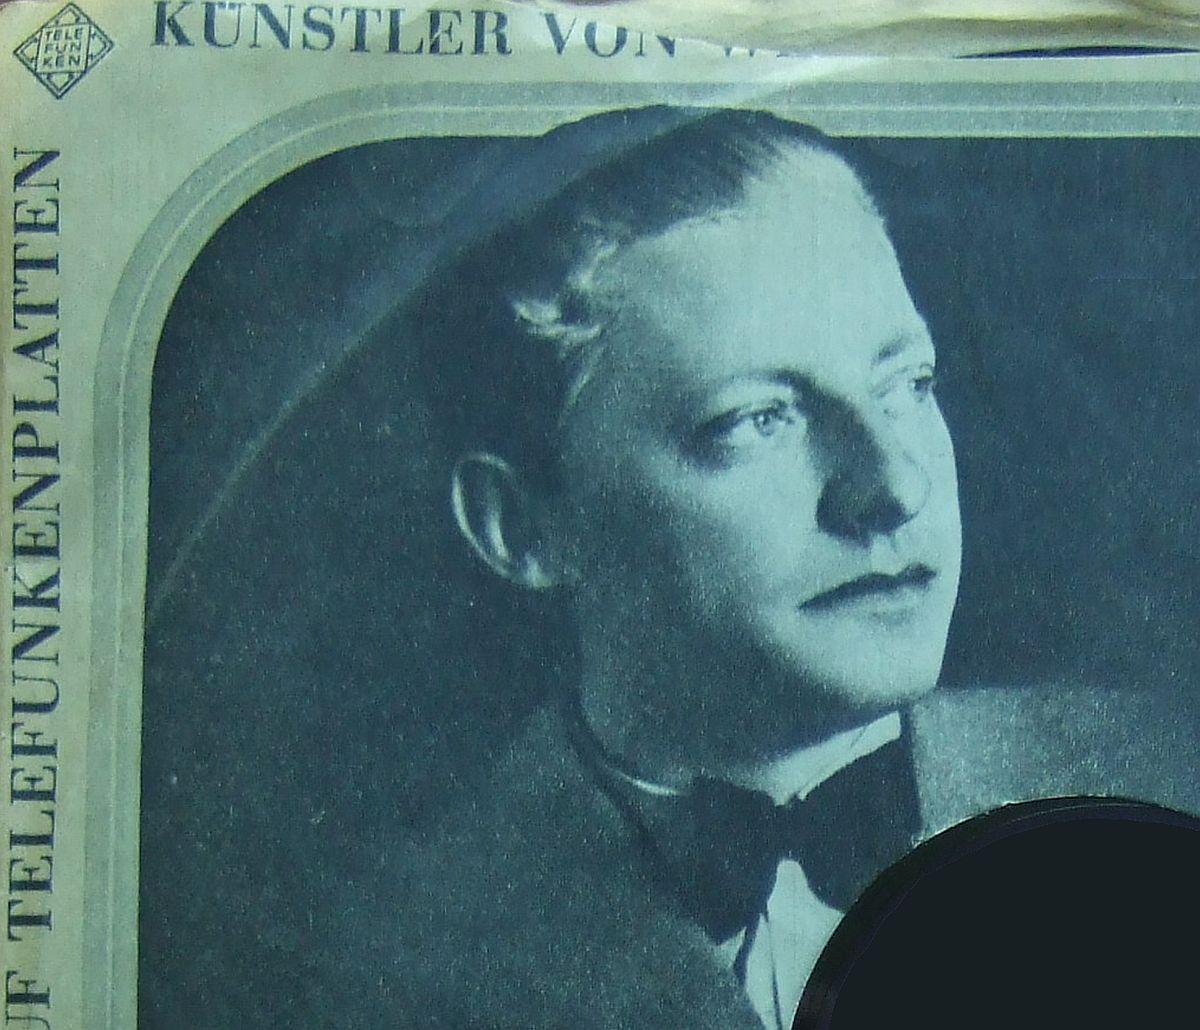 Le jeune Hans Schmid-Isserstedt sur une pochette Telefunken, clicquer pour une vue agrandie